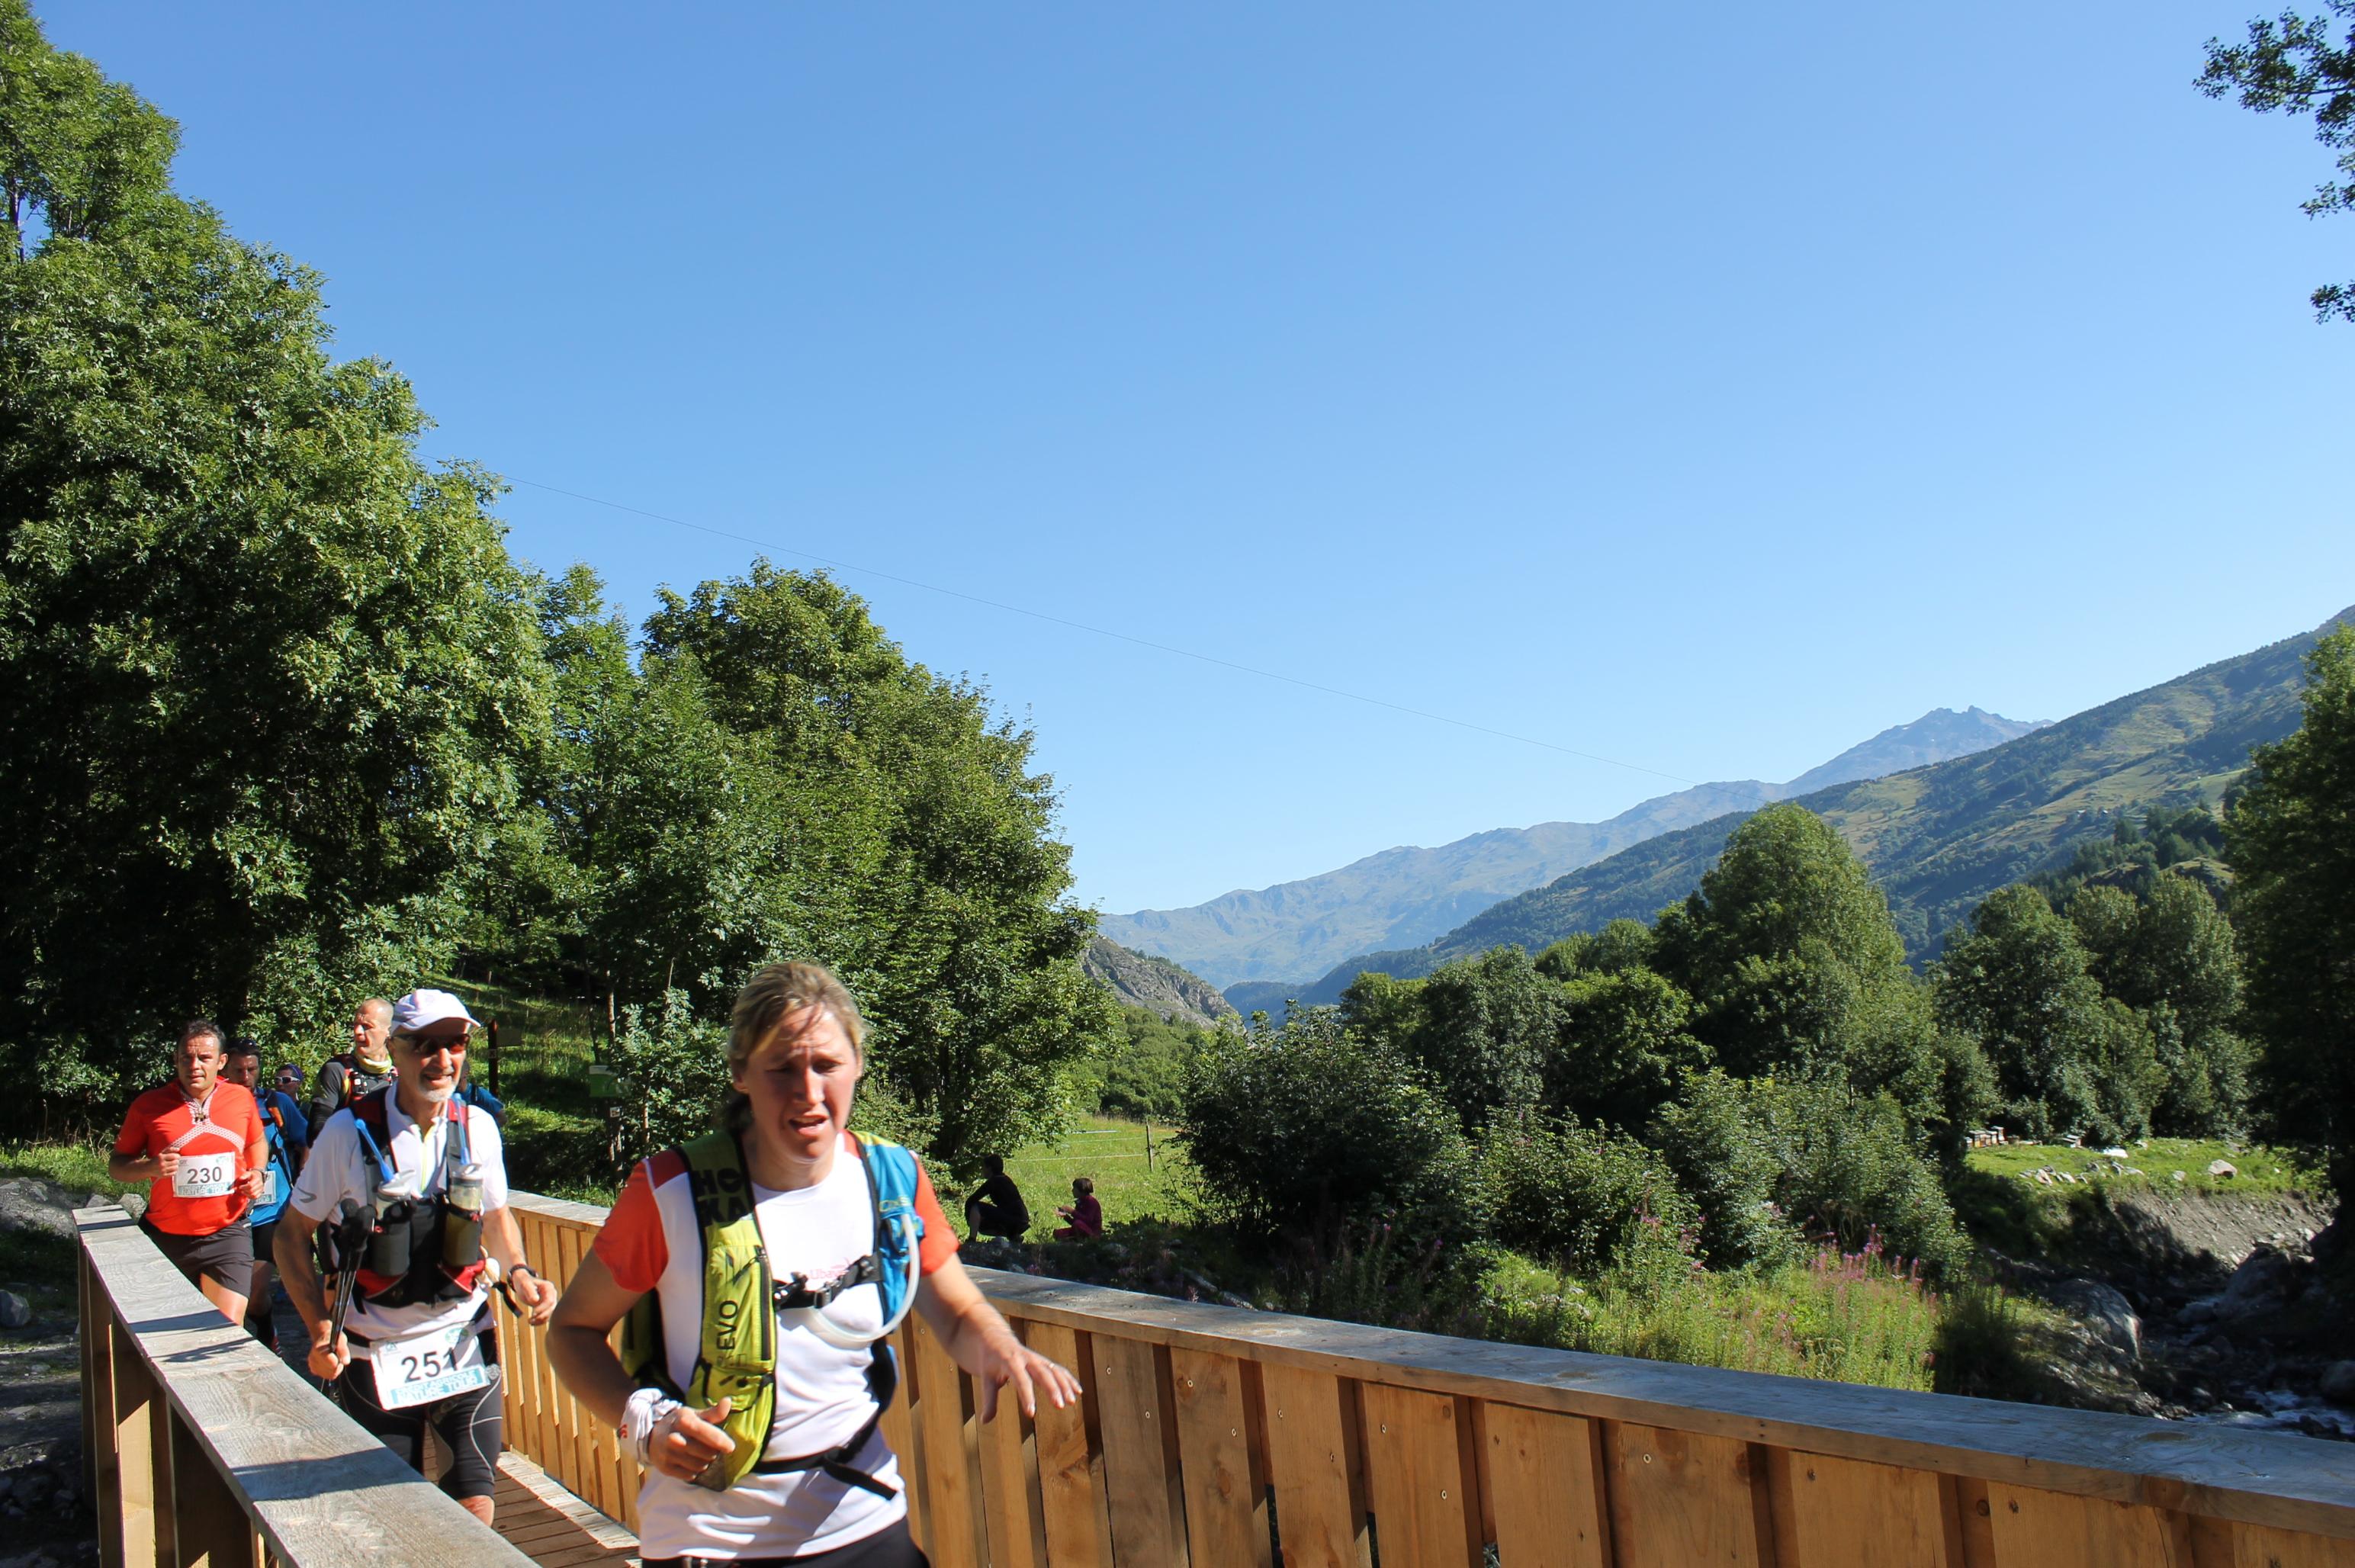 IMG 51291 - Trail du Galibier 2014 : résultats, photos et interview exclusive du vainqueur Ludovic Pommeret (Team Hoka)